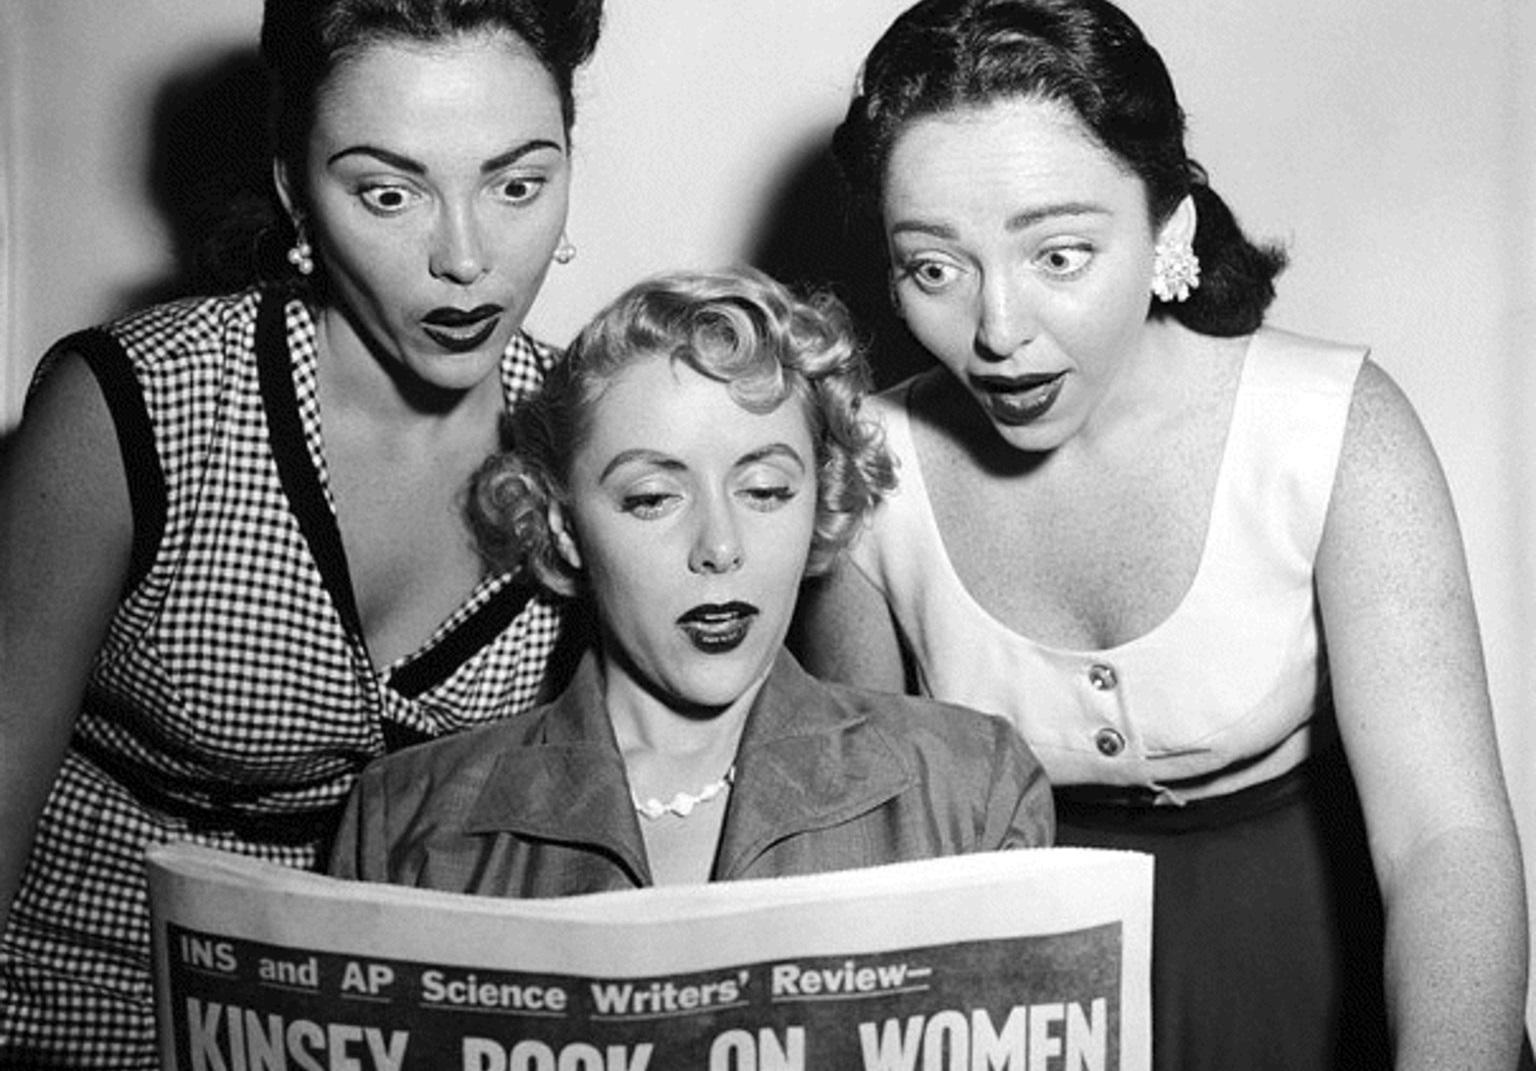 watson-ch-women-reading-newspaper-vintage-gossip-column-guilty-pleasure